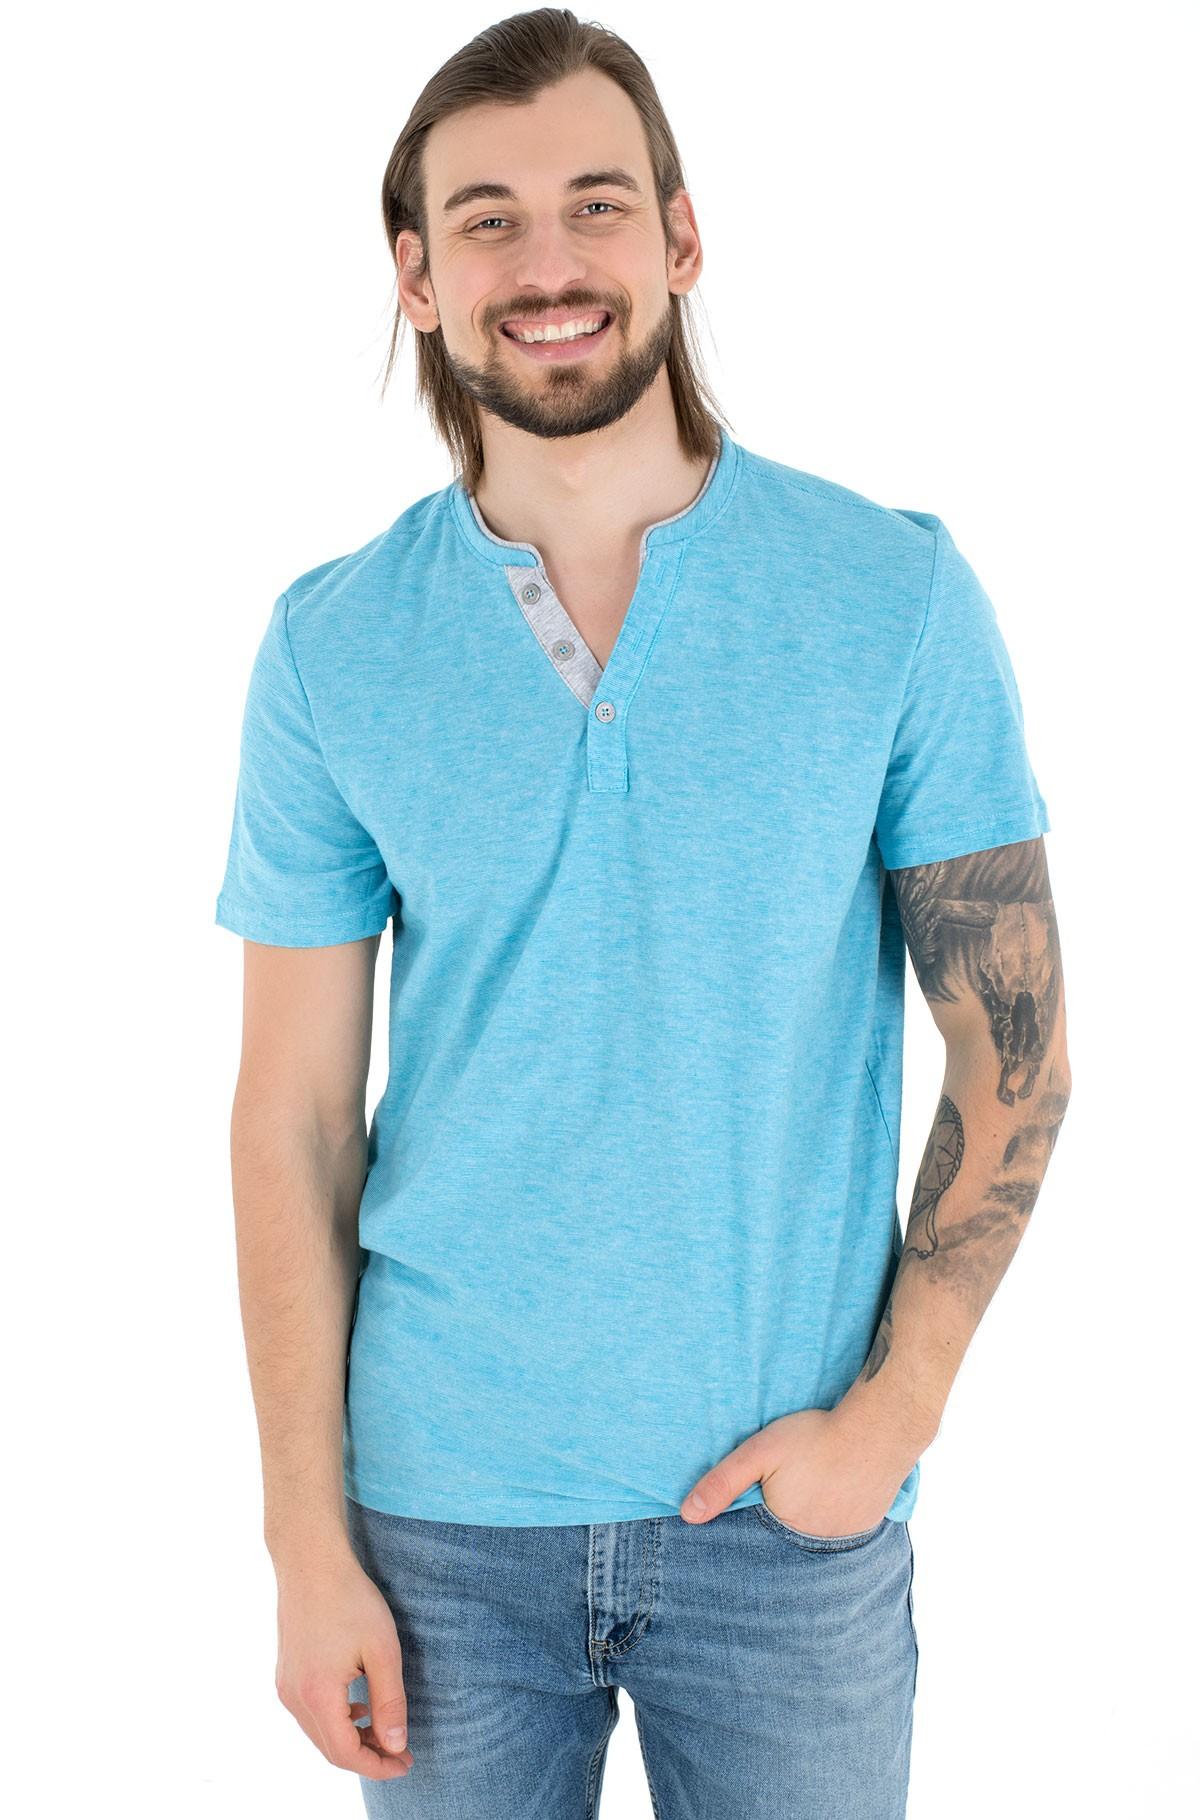 T-shirt 1026162-full-1